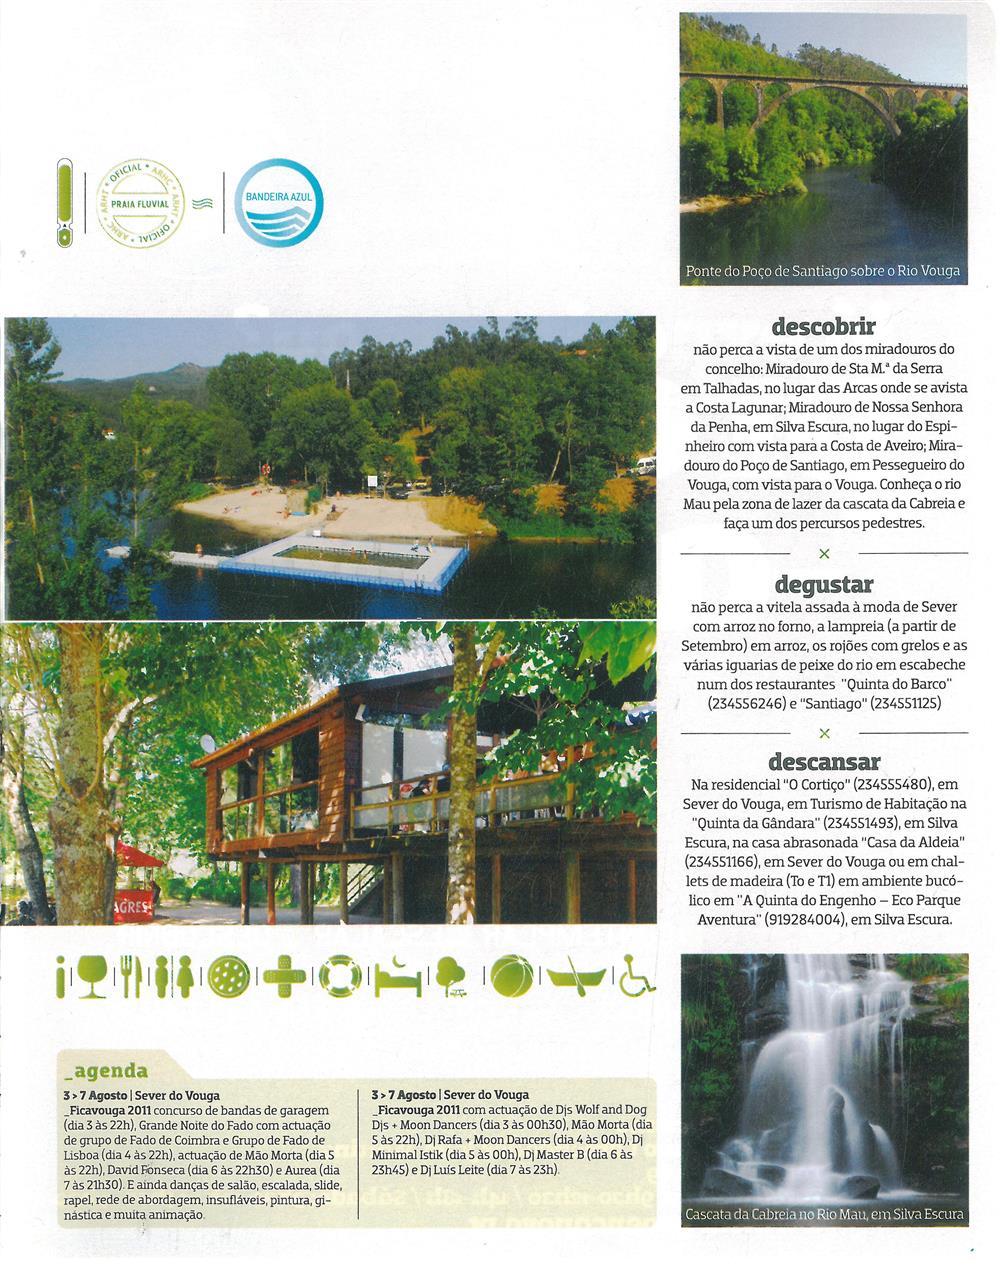 GPF-Verão 2011-p.121-Quinta do Barco [2.ª parte de duas].jpg